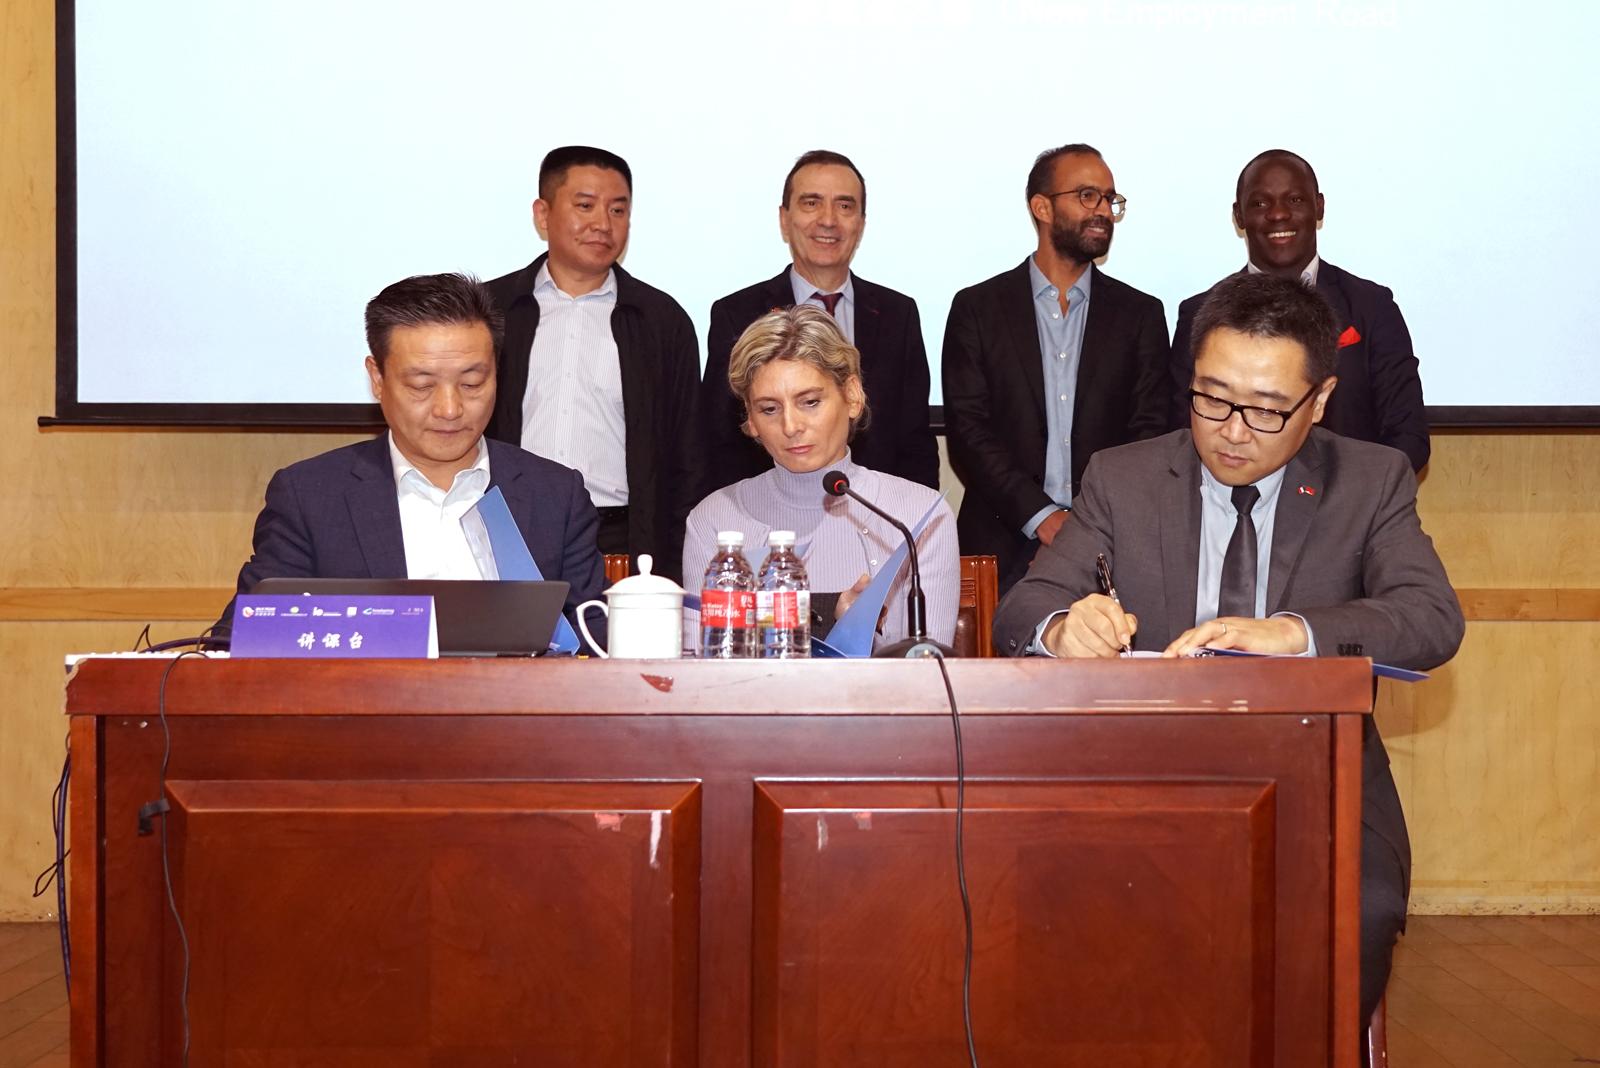 上海欧非通网络科技公司、丝路商学院与新就业之路签署了三方战略合作协议。